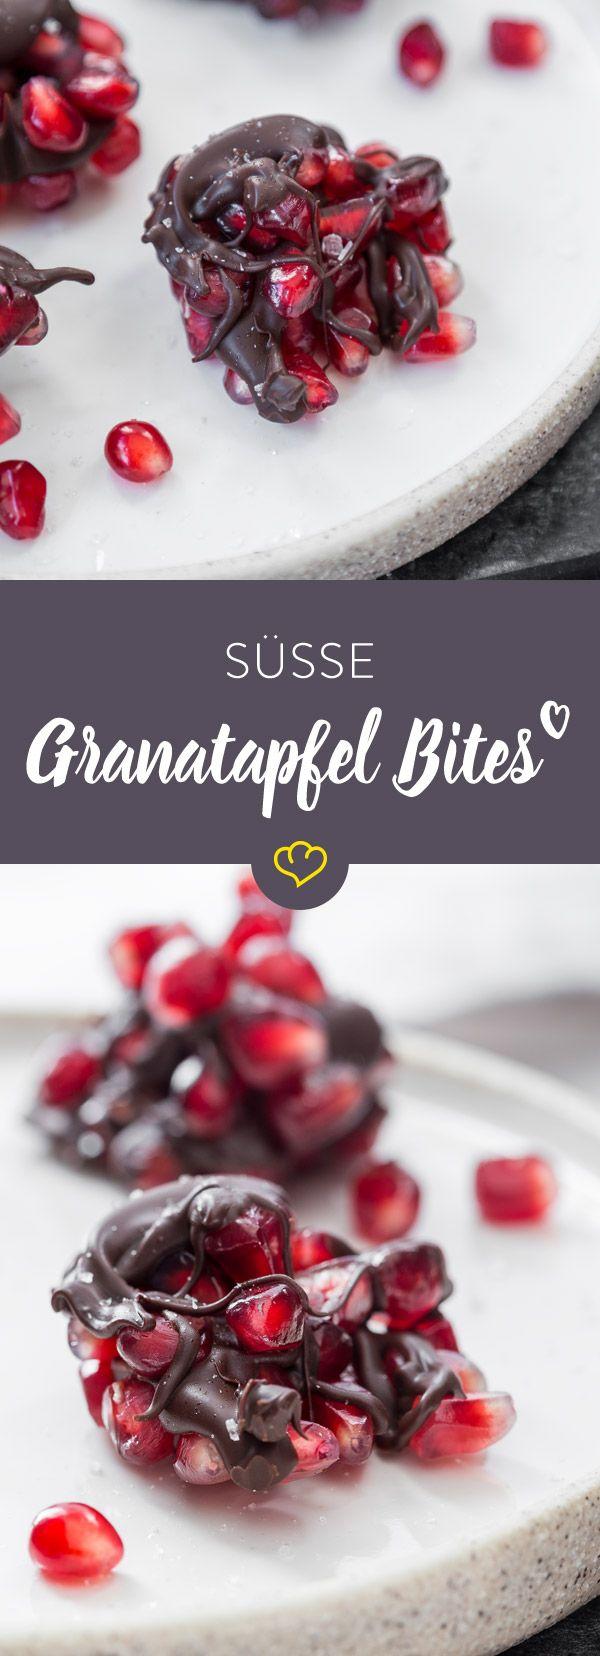 Heute reichen 3 Zutaten, um dich glücklich zu machen. Schokolade, Granatapfelkerne und Meersalz, das diese süßen Häppchen zu ganz Besonderen macht.